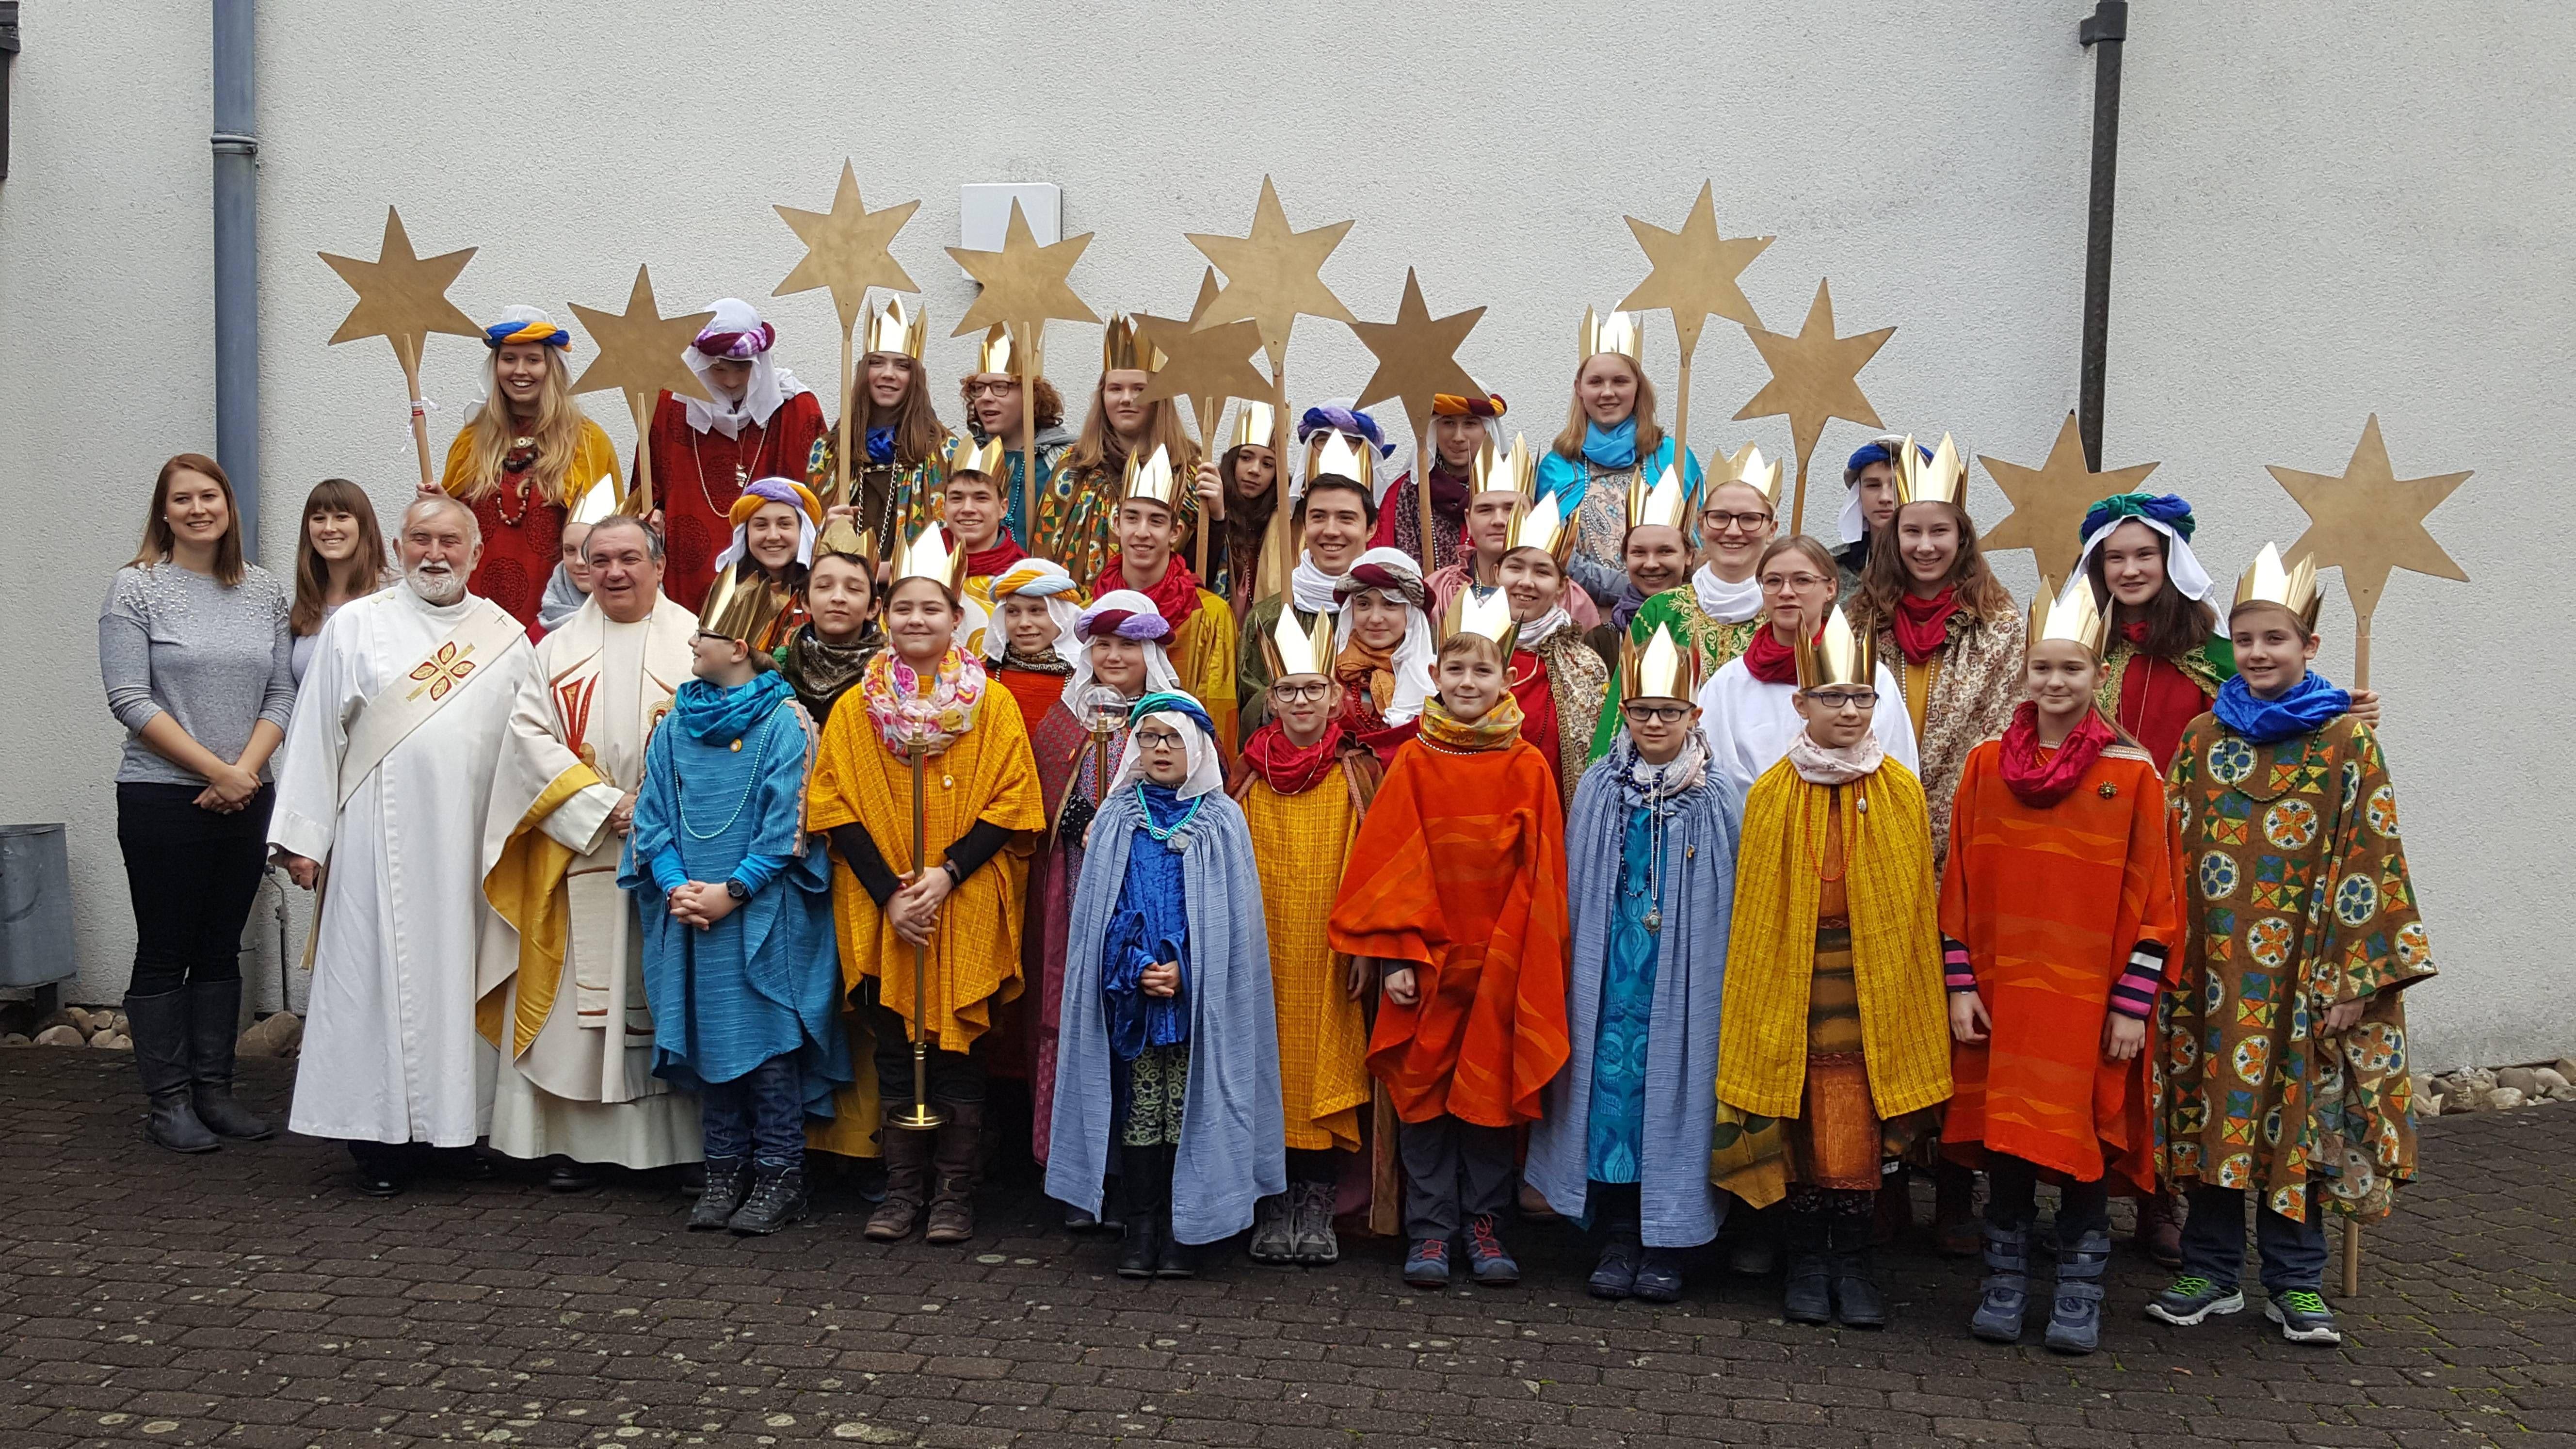 Auch in der Pfarrei St. Lioba in Würzburg (Dekanat Würzburg-Stadt) machten sich zahlreiche Kinder und Jugendliche auf den Weg.